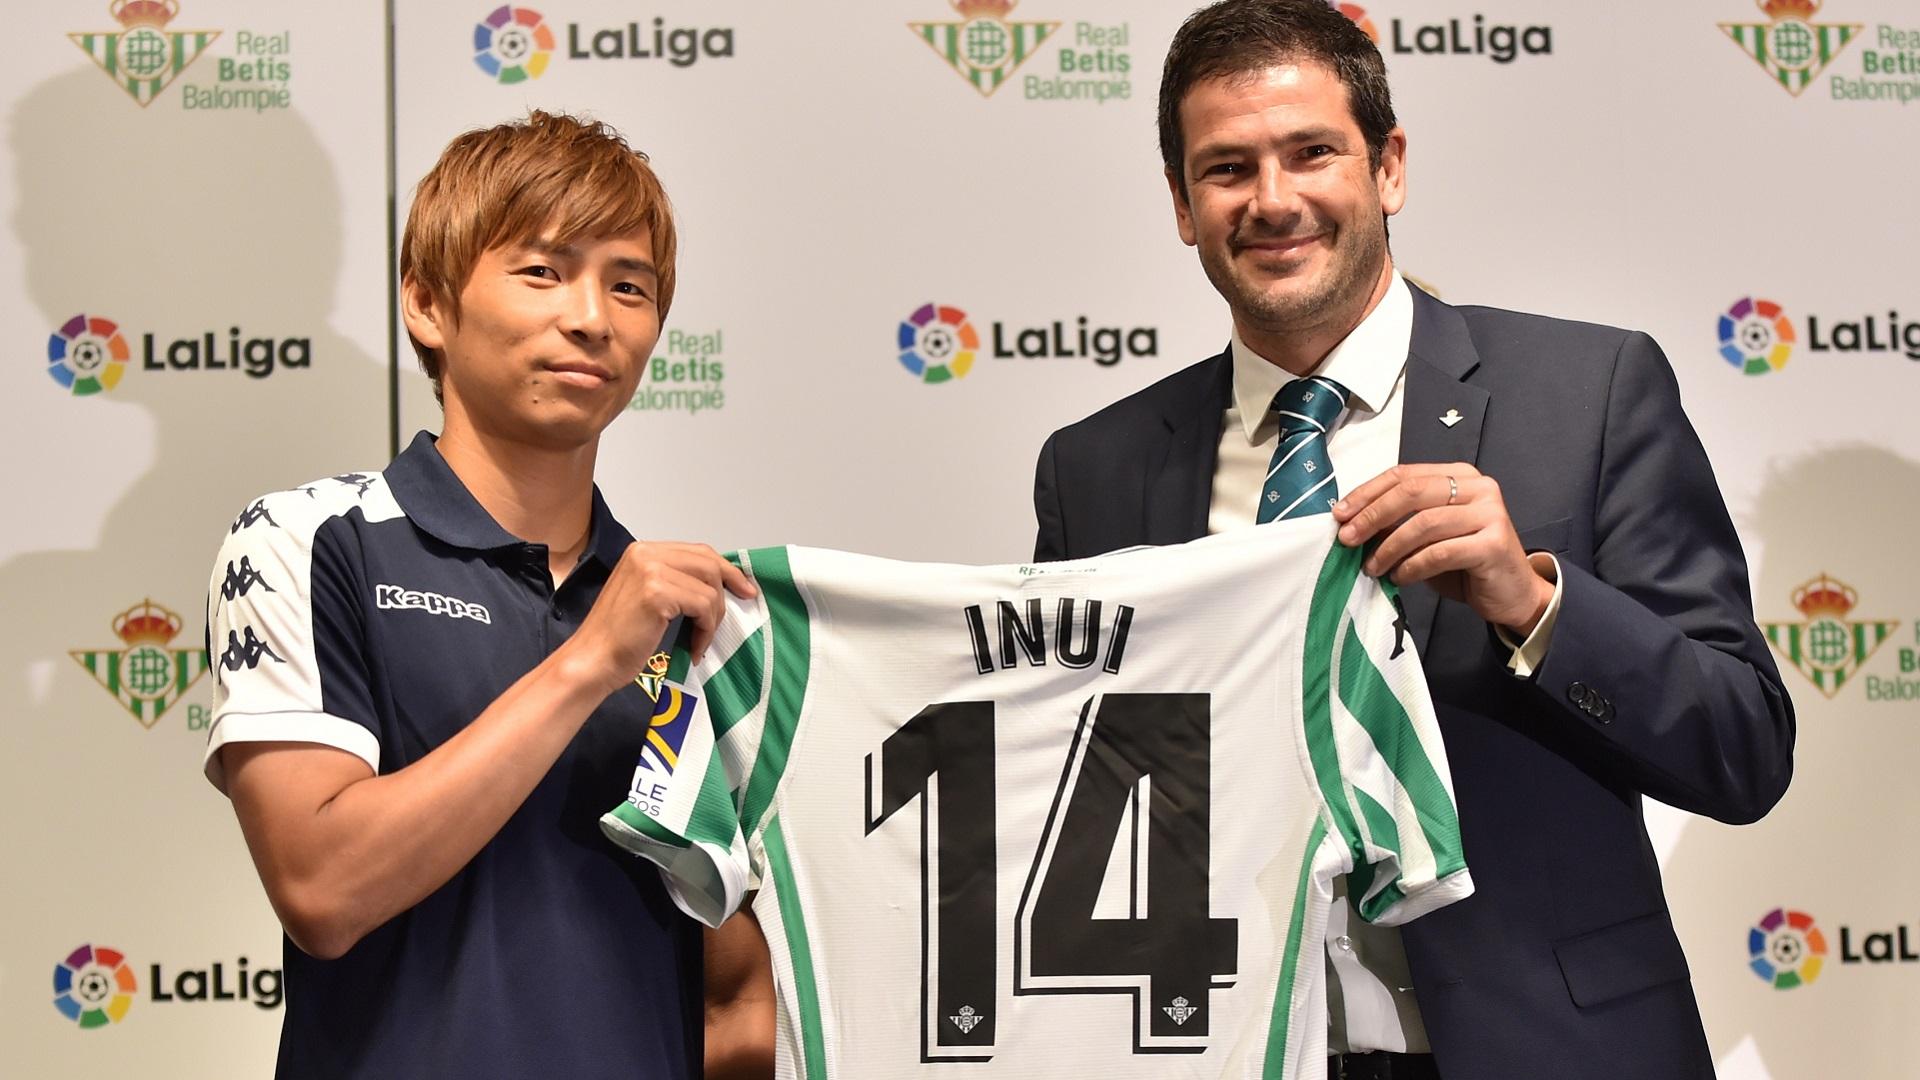 2018-07-19 Inui Takashi Betis